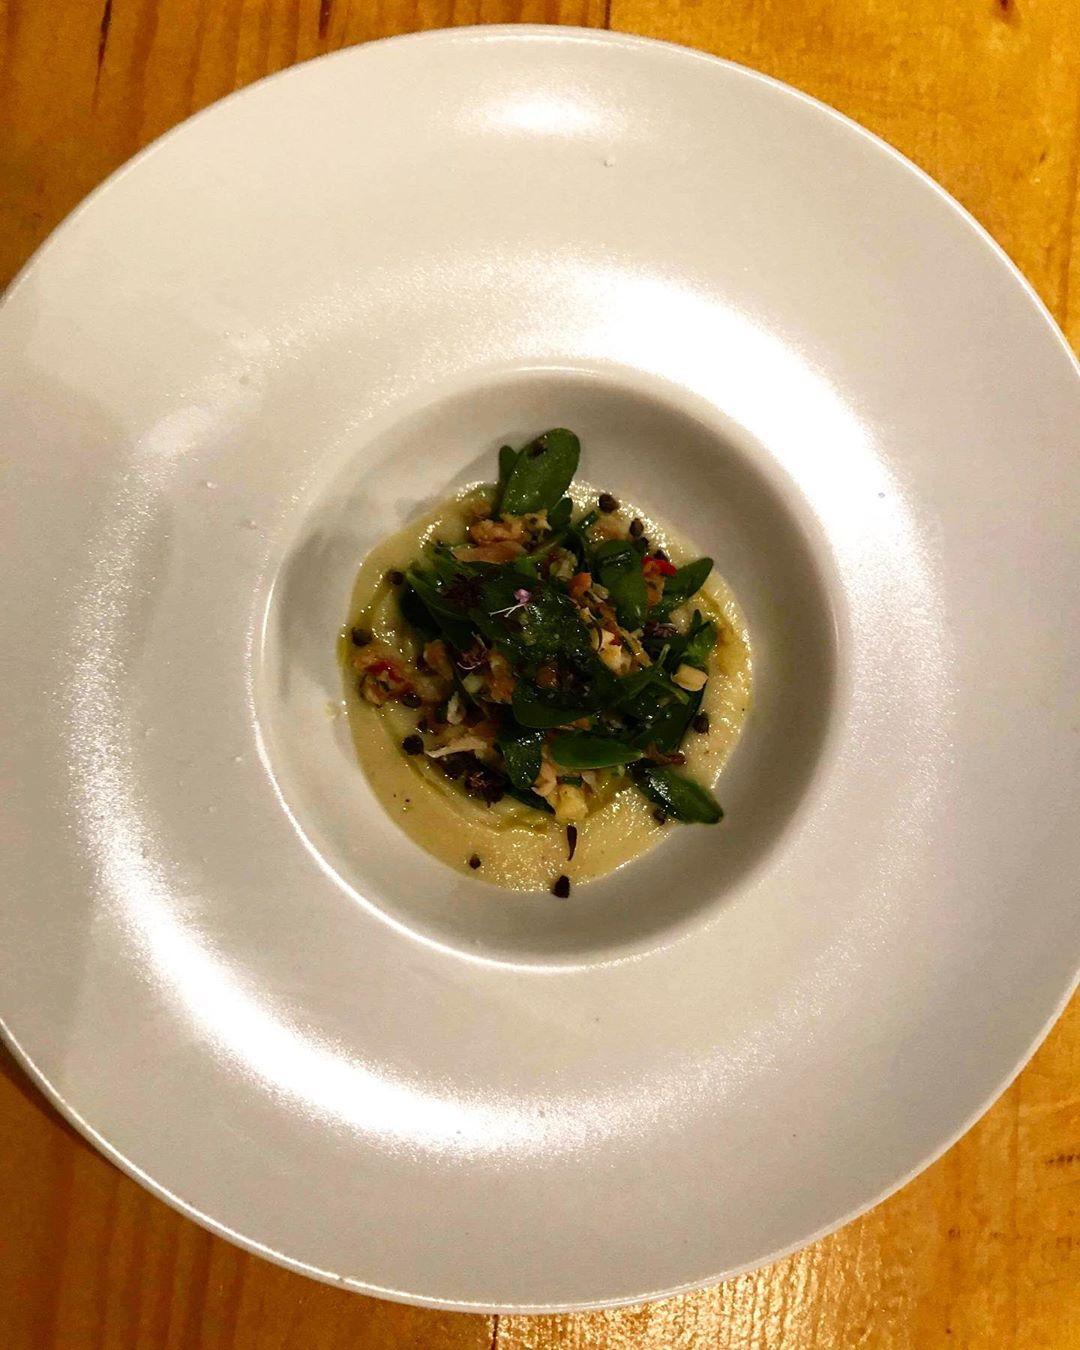 Κρέμα λευκής μελιτζάνας με γλιστρίδα & καπνιστή πέστροφα  seawolf